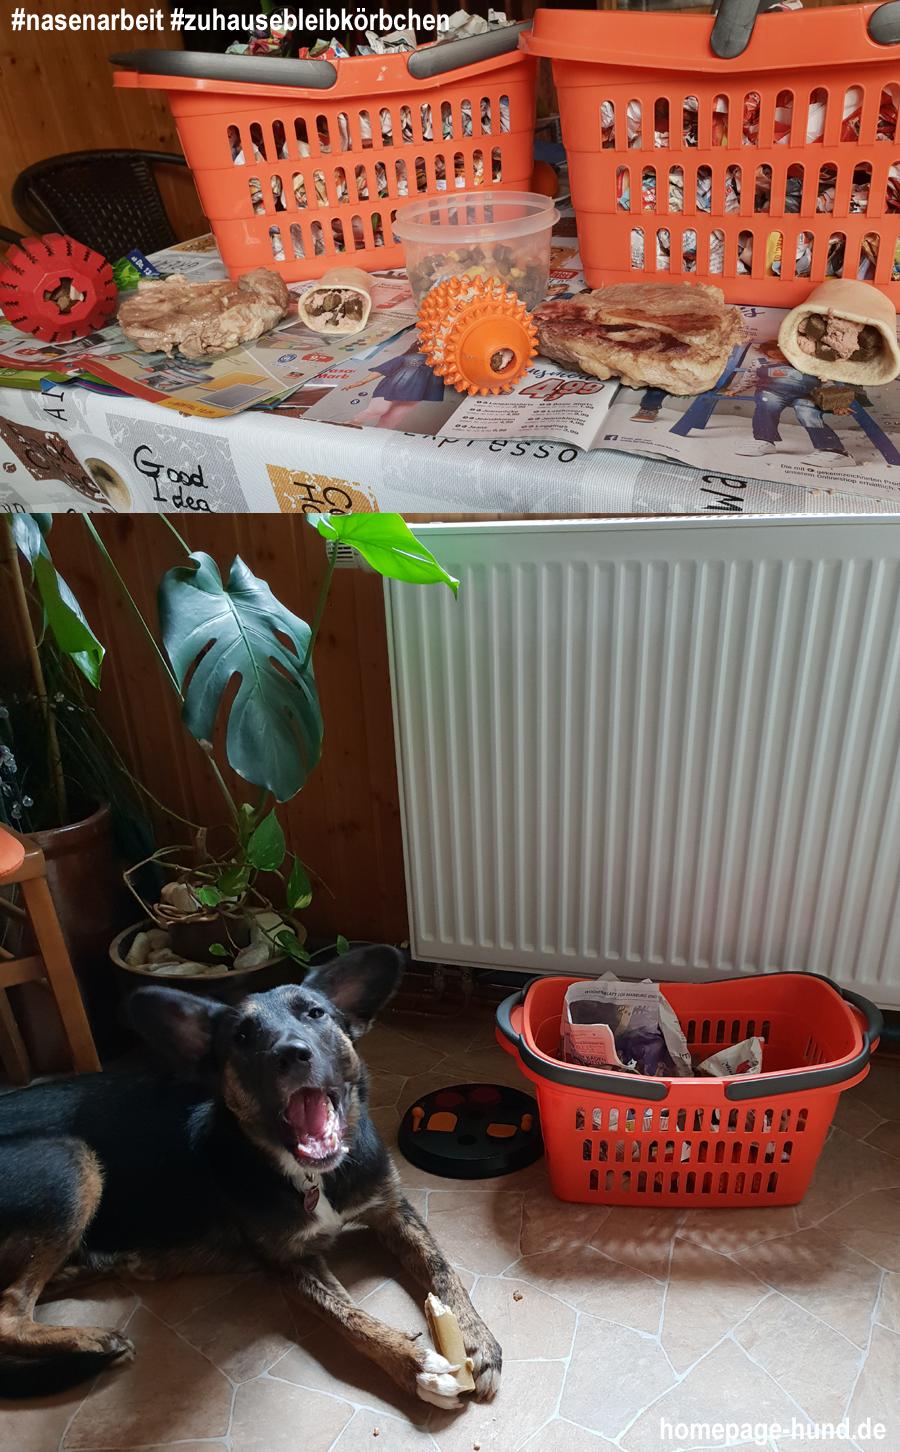 Zuhausebleibkoerbchen Nasenarbeit Hunde